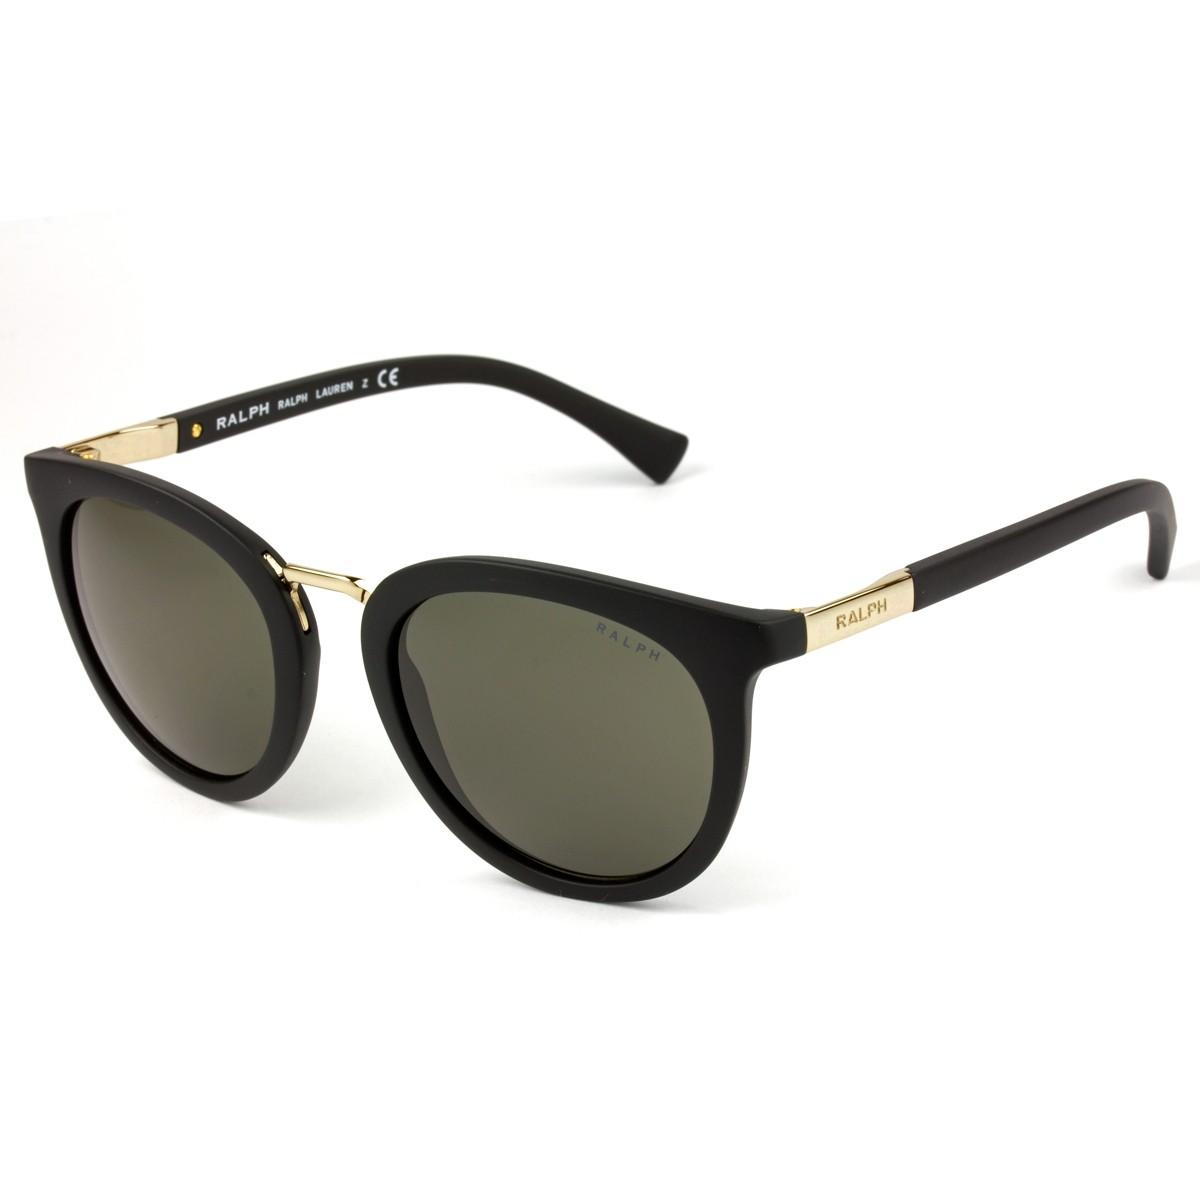 5127e76840a27 Ralph Lauren 5207 105873 - Oculos de sol